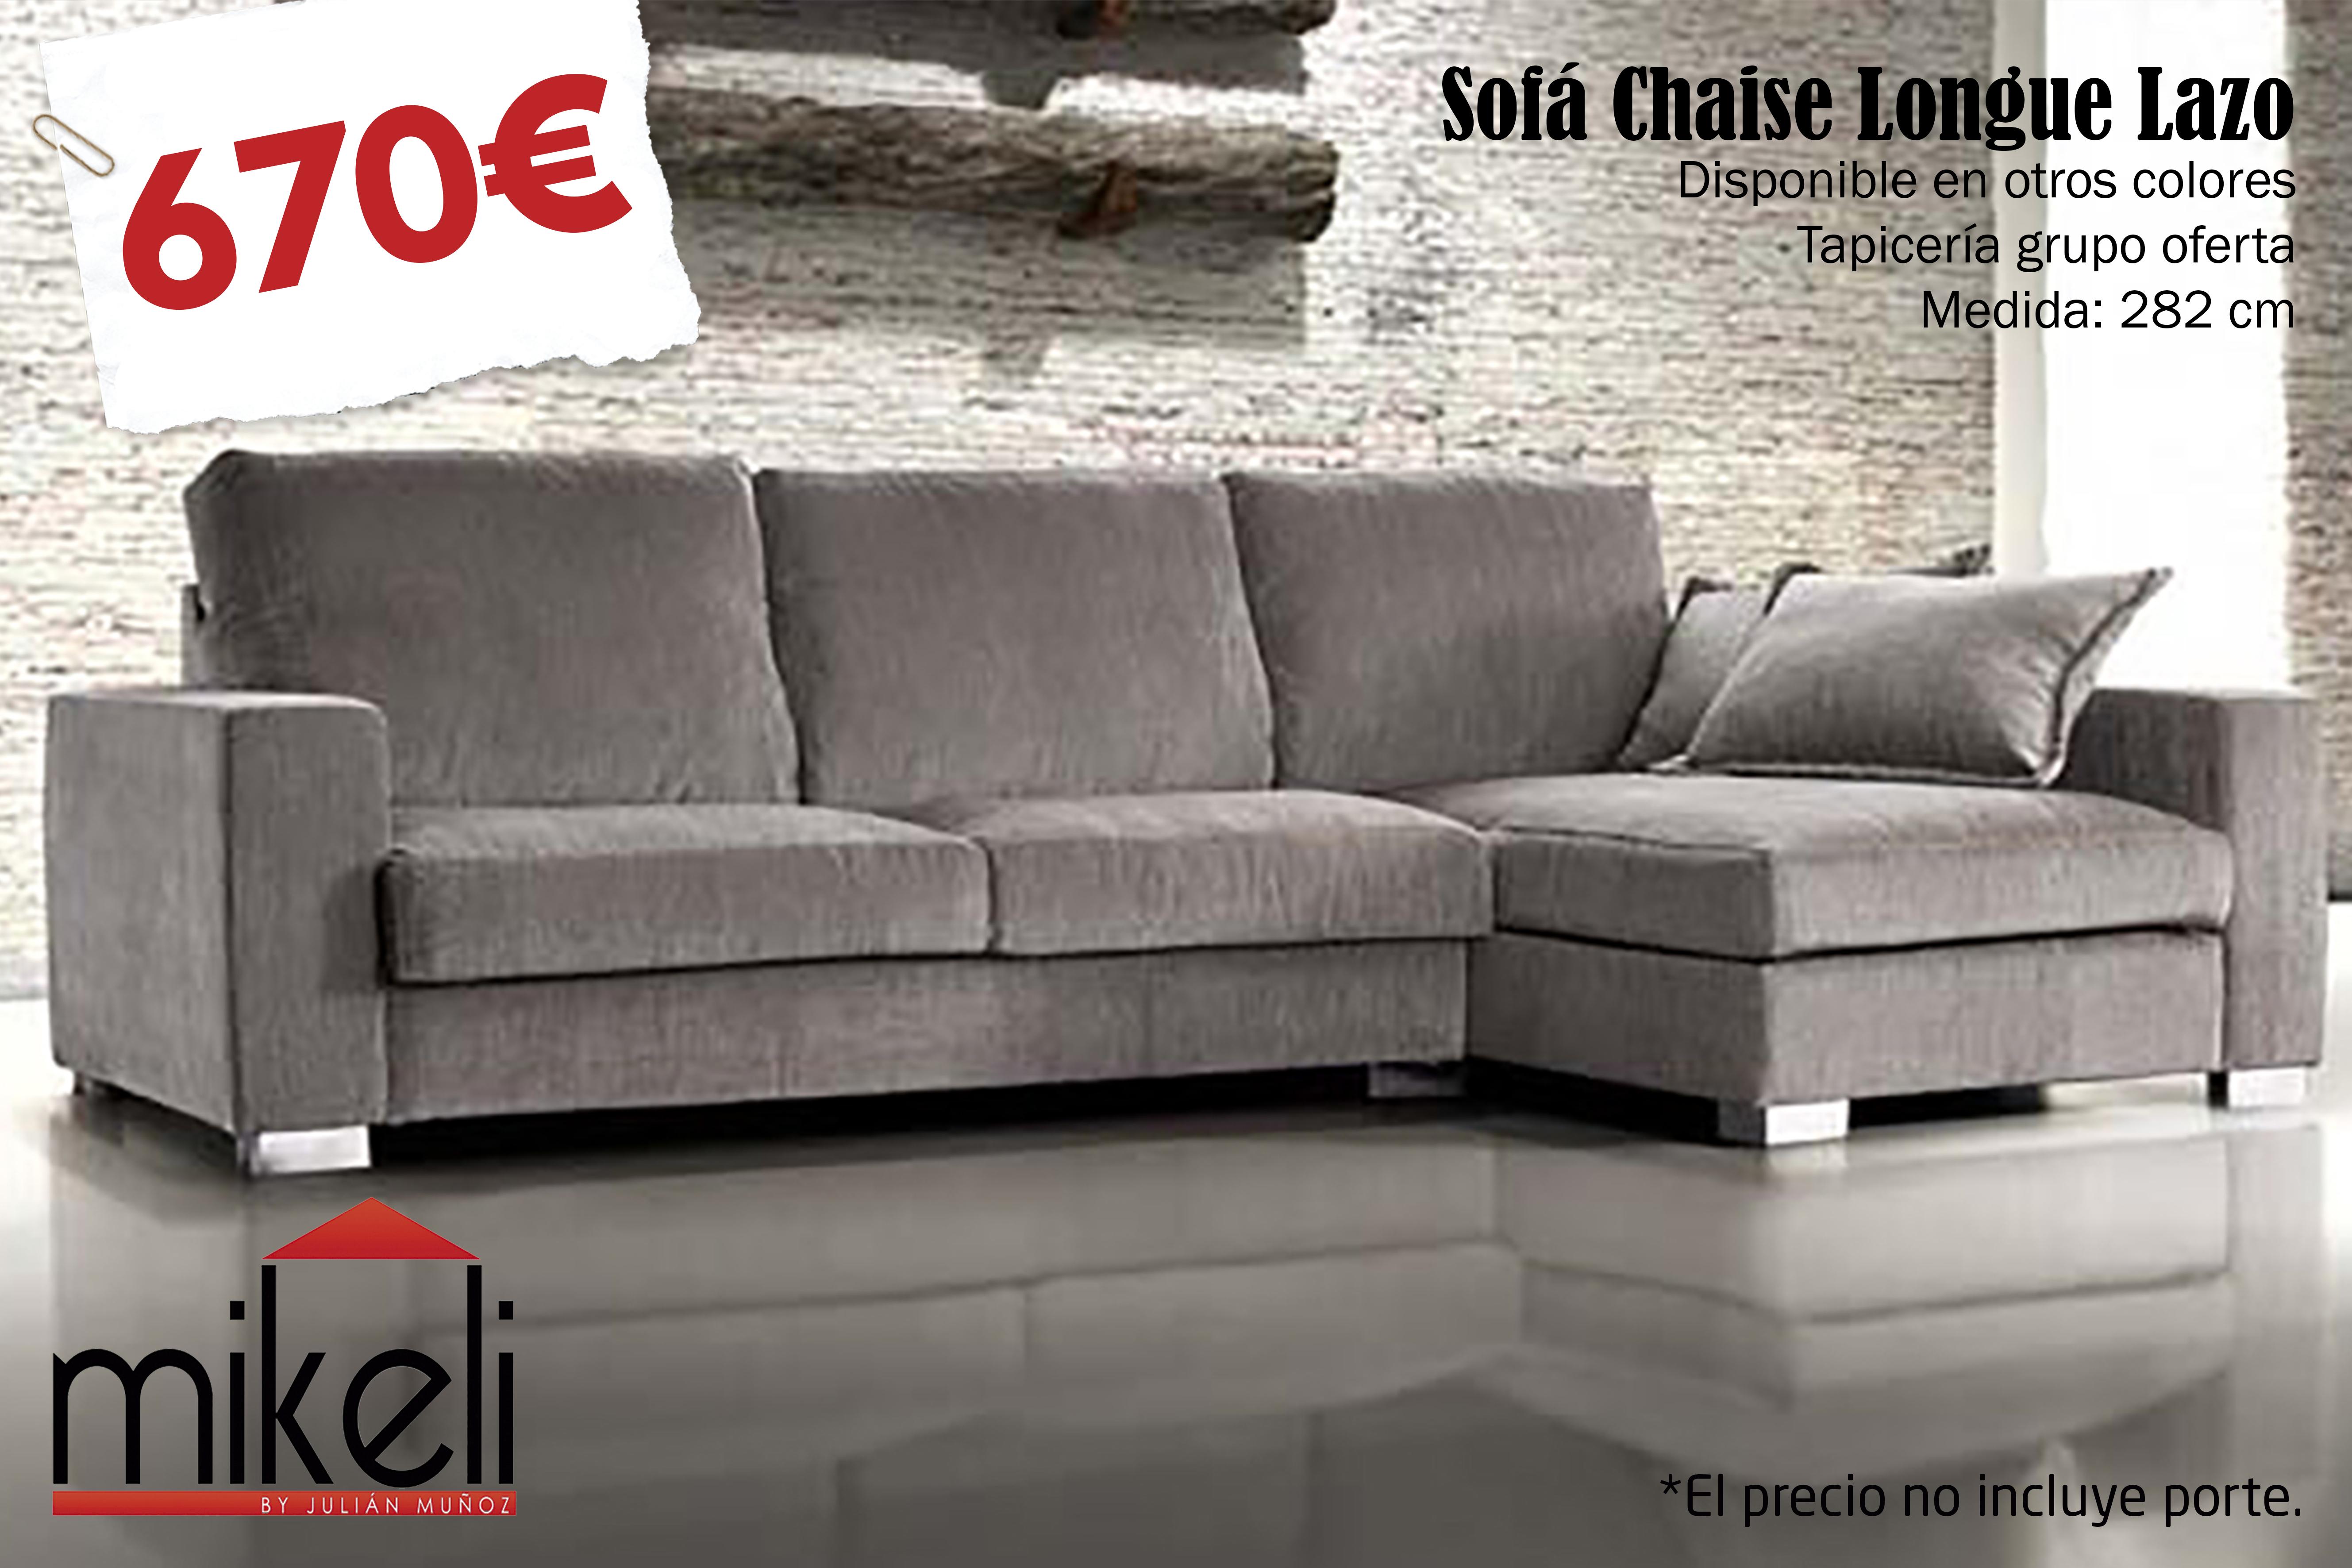 Sofa Lazo Mikeli Tu Tienda De Muebles A Precios Incre Bles En Ceuta # Muebles A Medida Ceuta